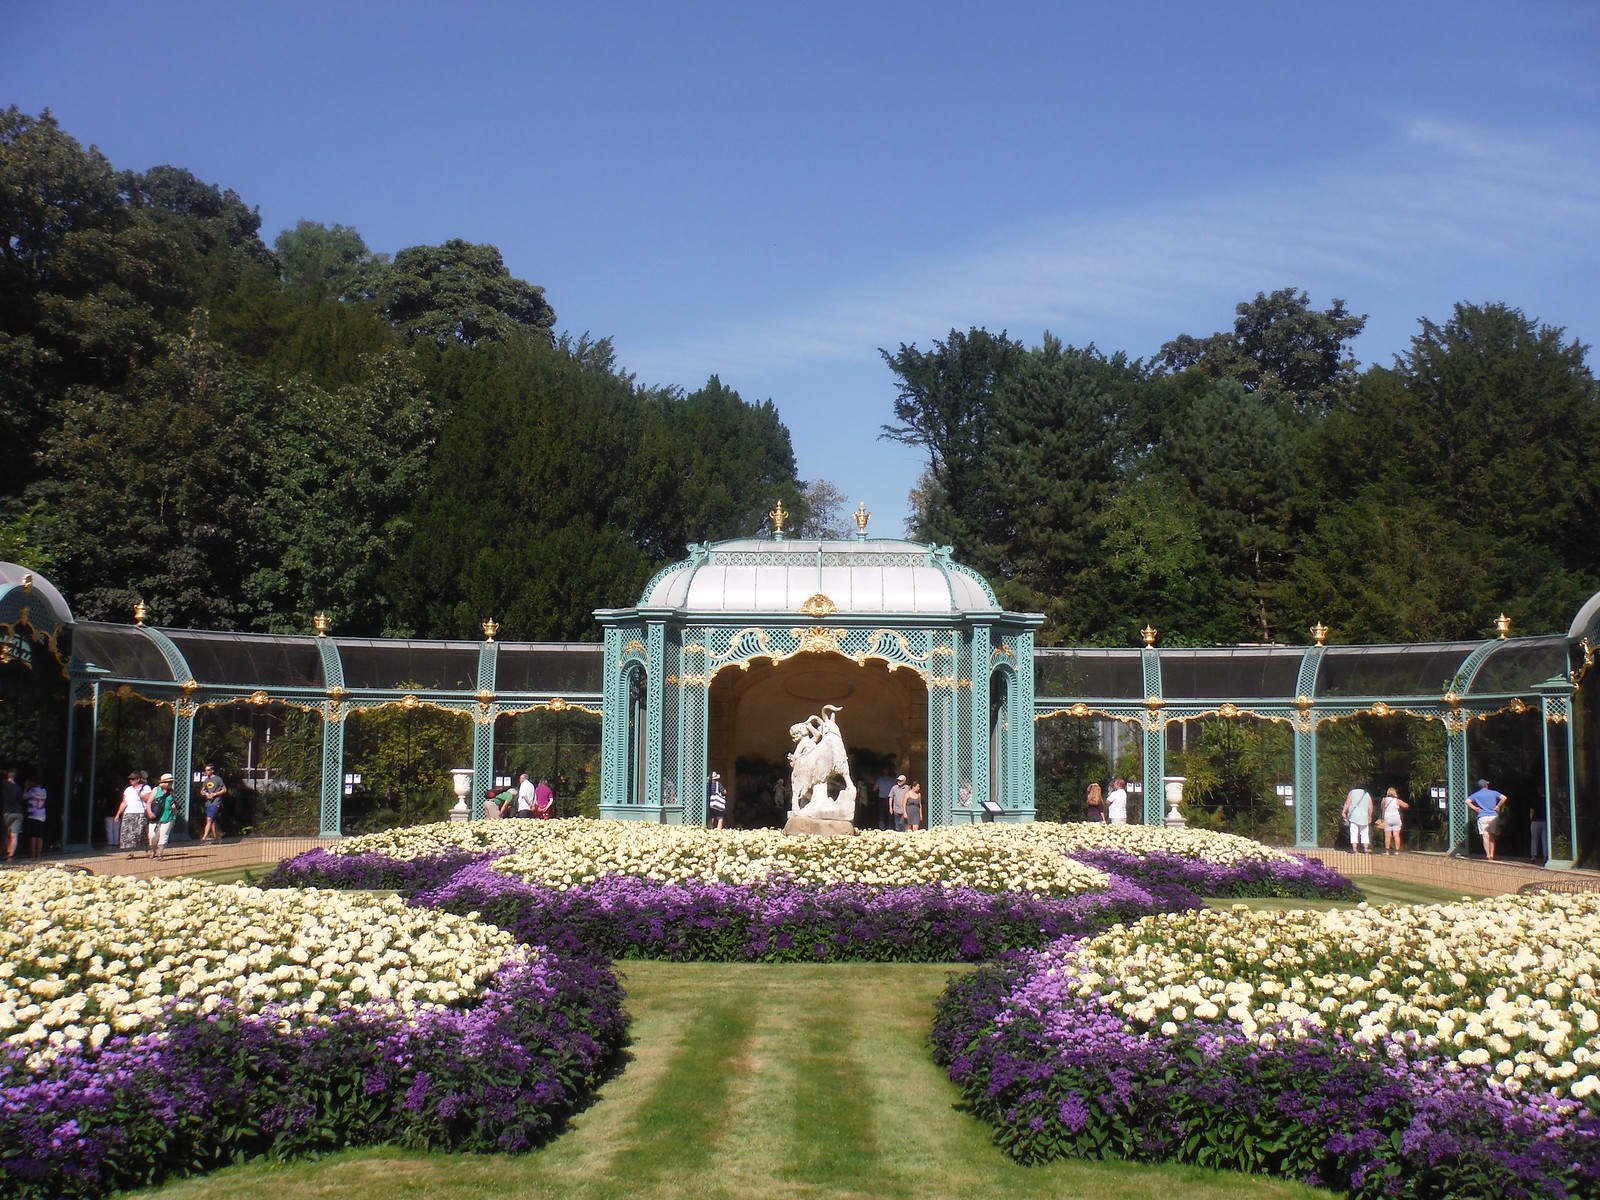 Aviary, Waddesdon Manor Gardens SWC 192 Haddenham to Aylesbury (via Waddesdon)